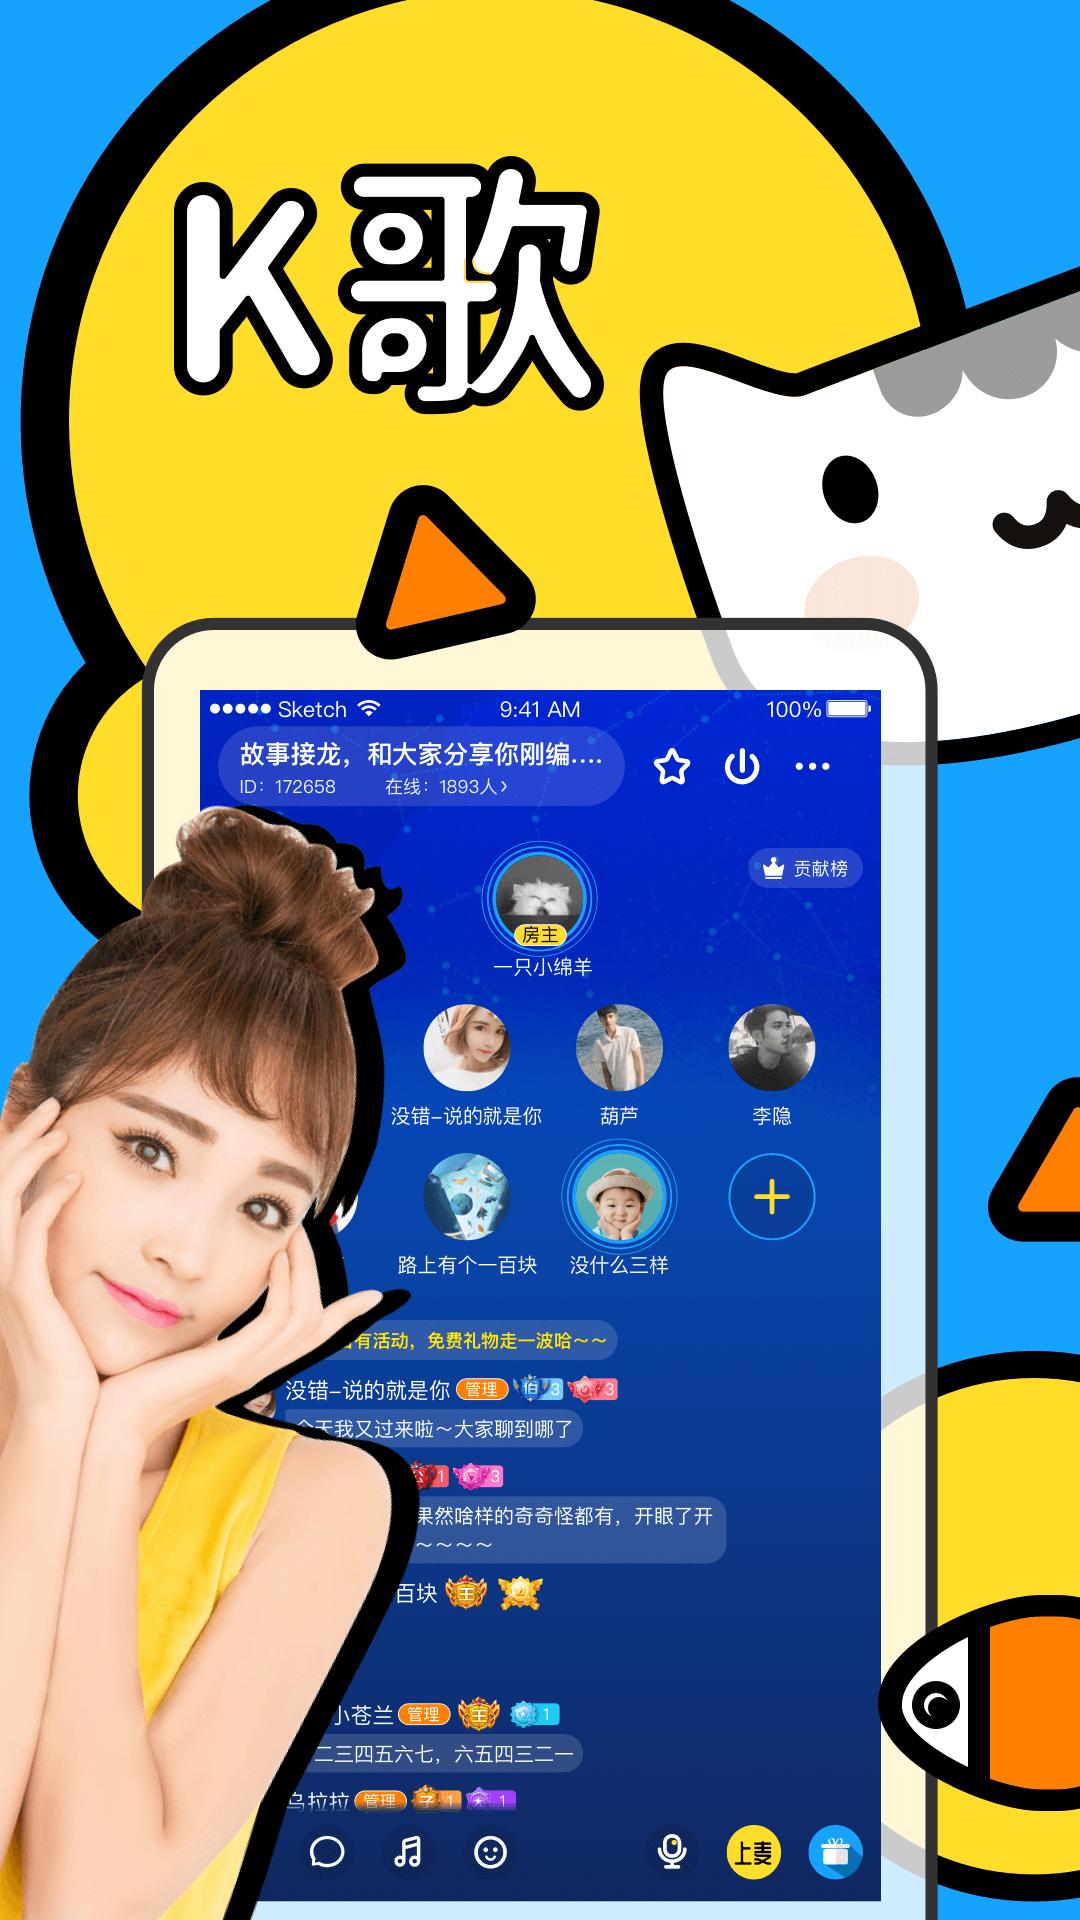 鱼丸语音交友app下载官方版  v1.0.06图3